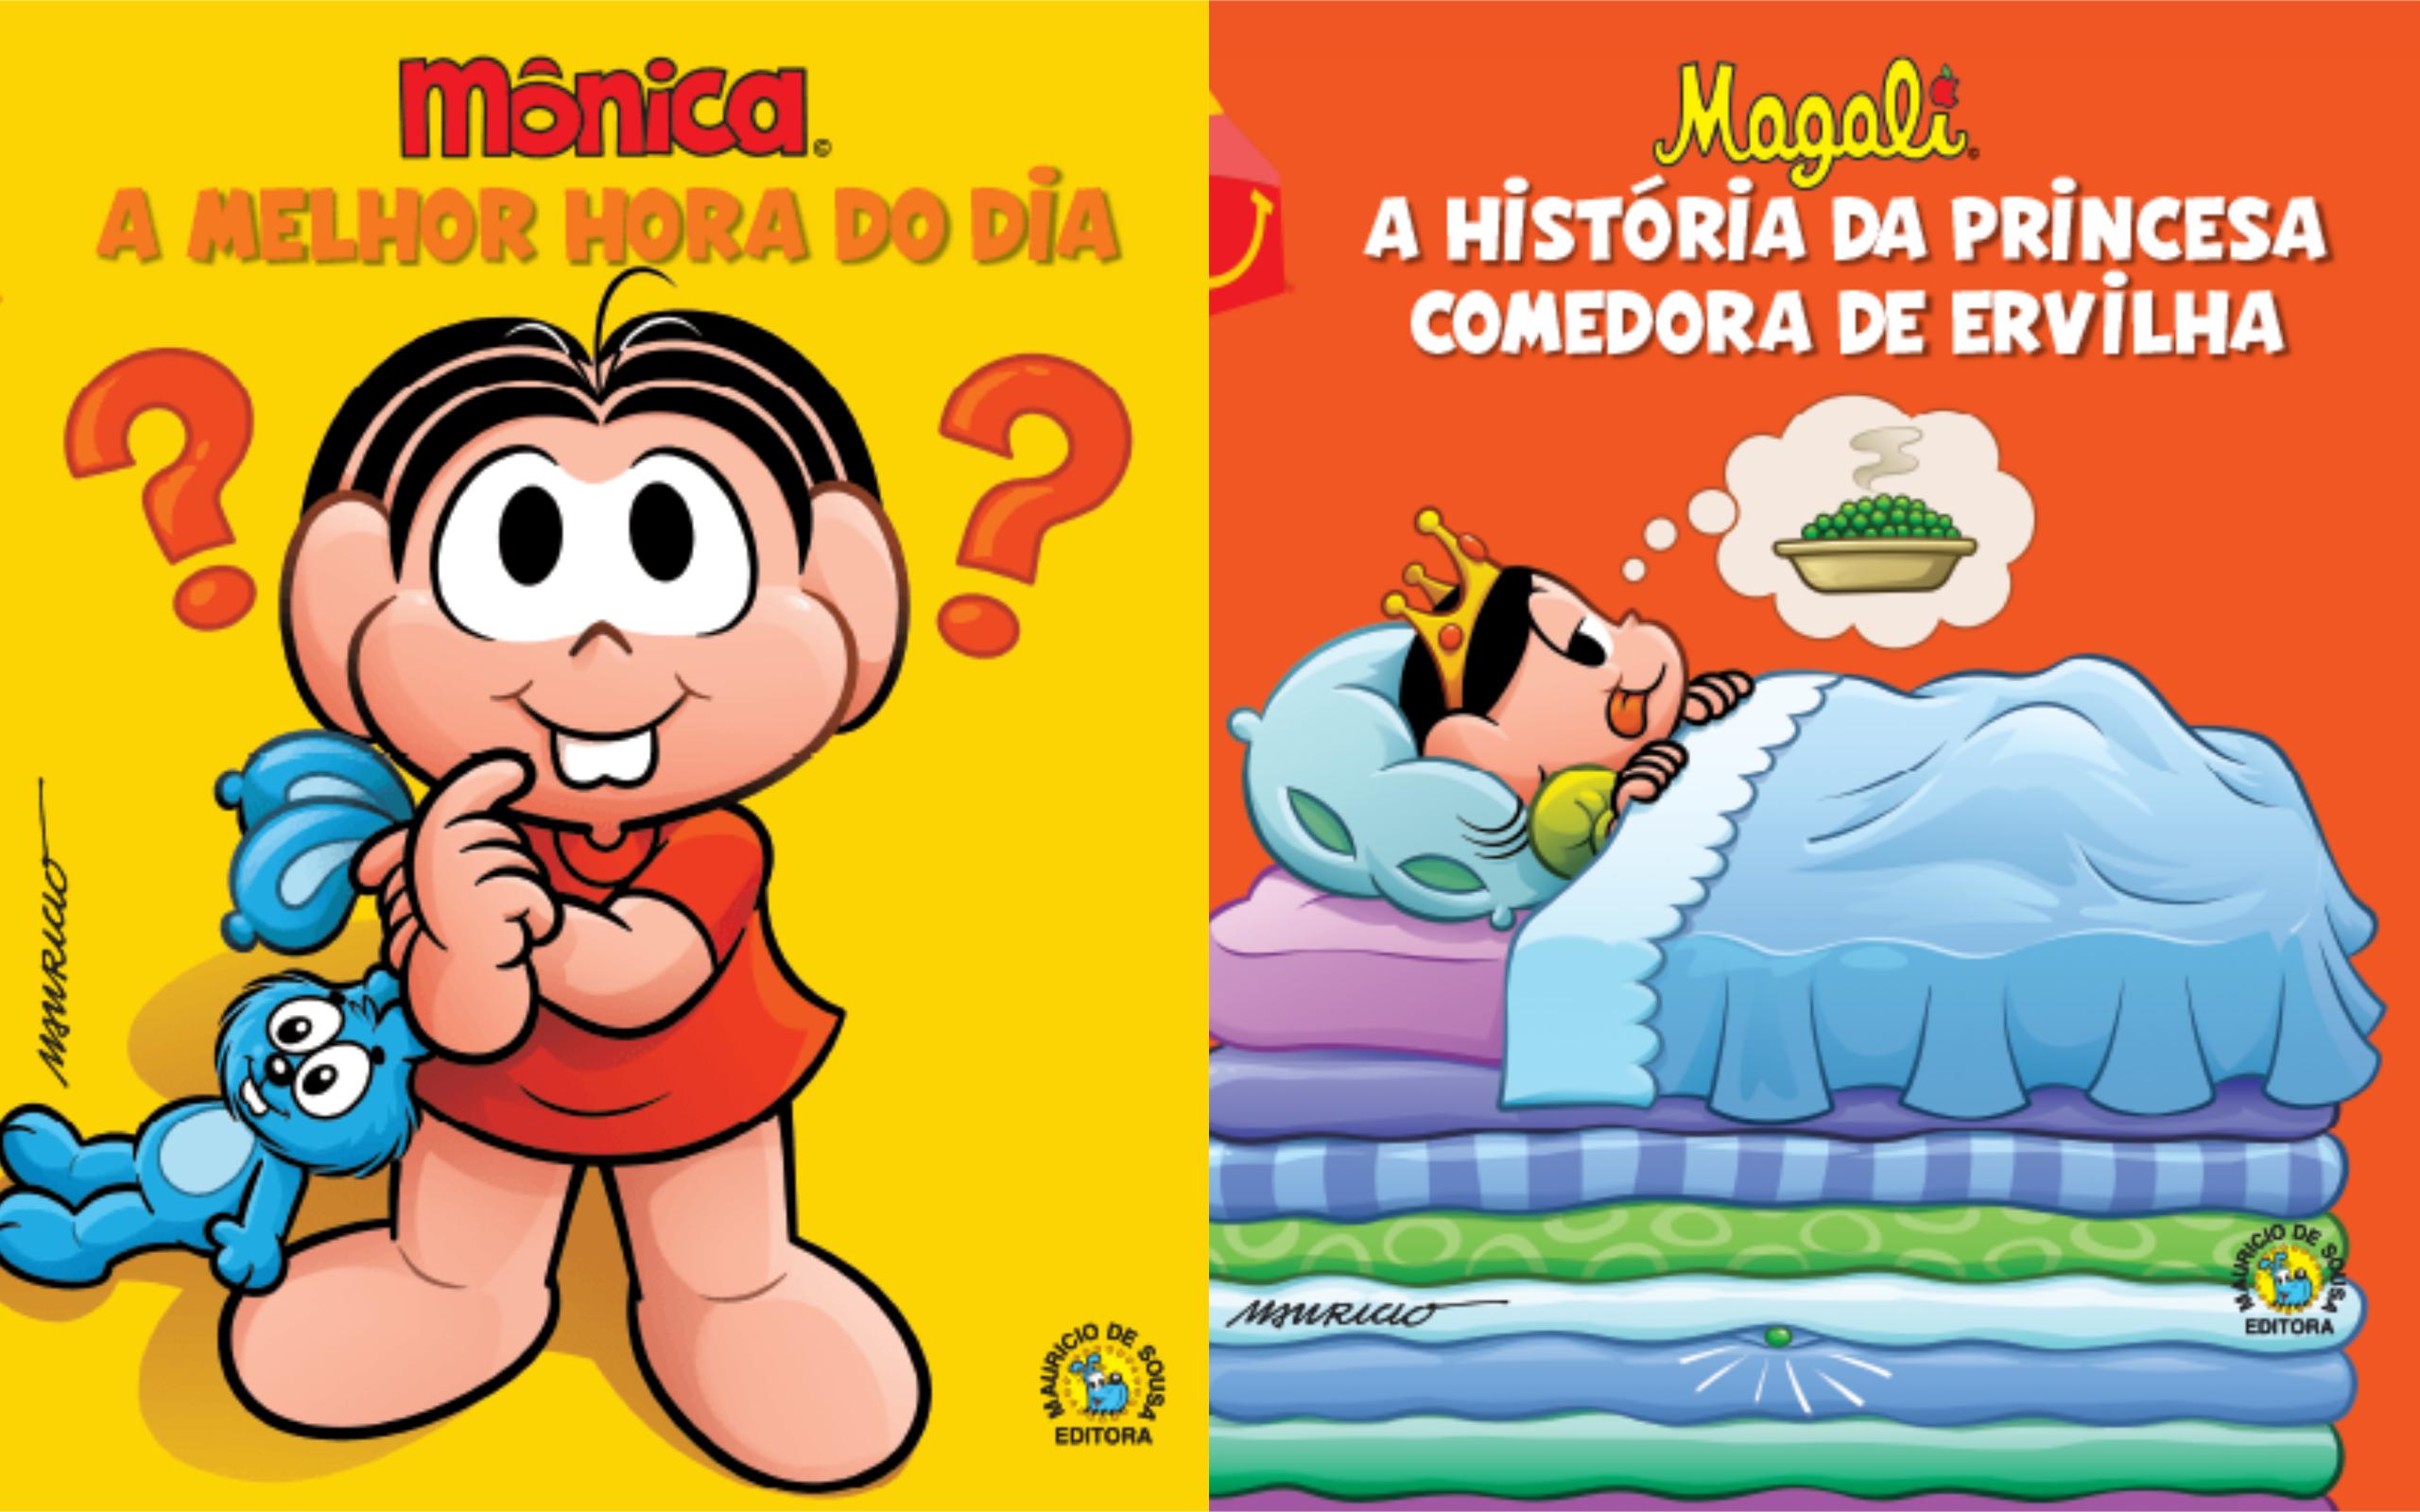 McDonald's vai distribuir livros da Turma da Mônica para incentivar a leitura